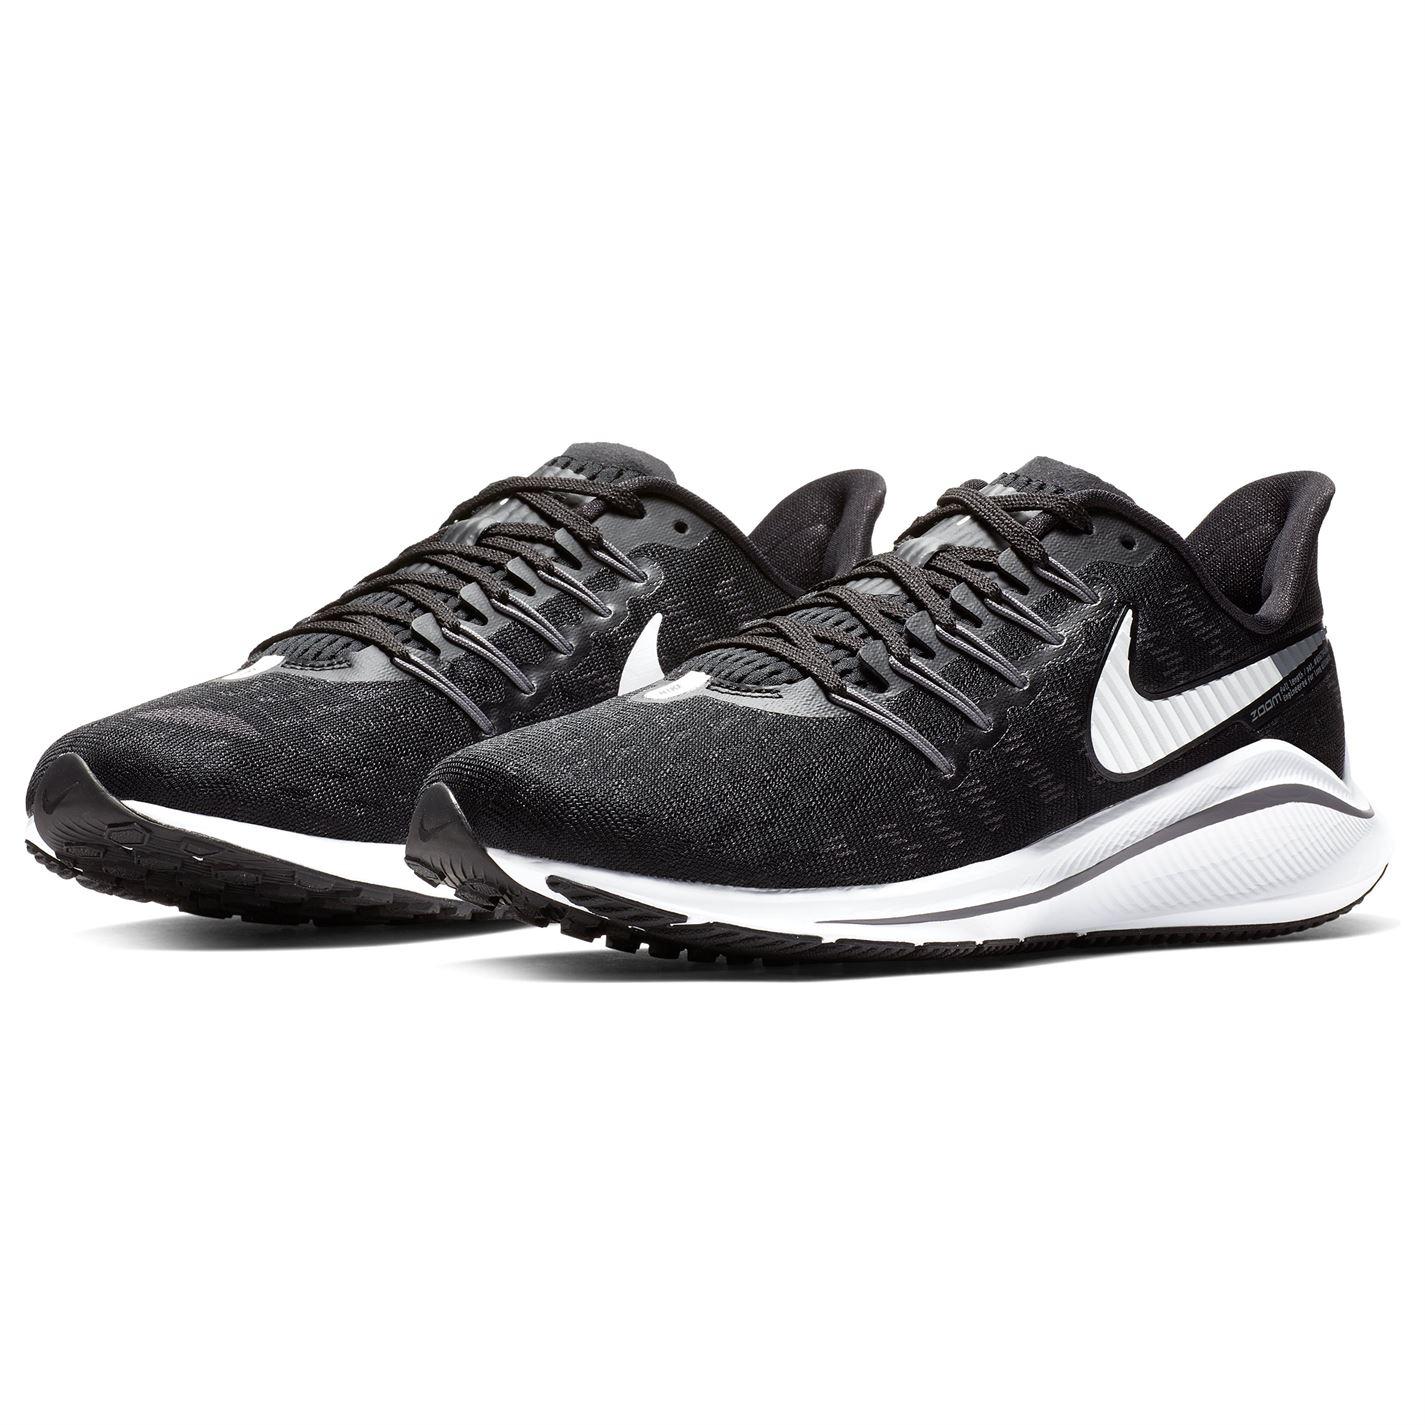 Nike Air Zoom Vomero 14 dámska bežecká obuv Black White - Glami.sk 17a7f194940